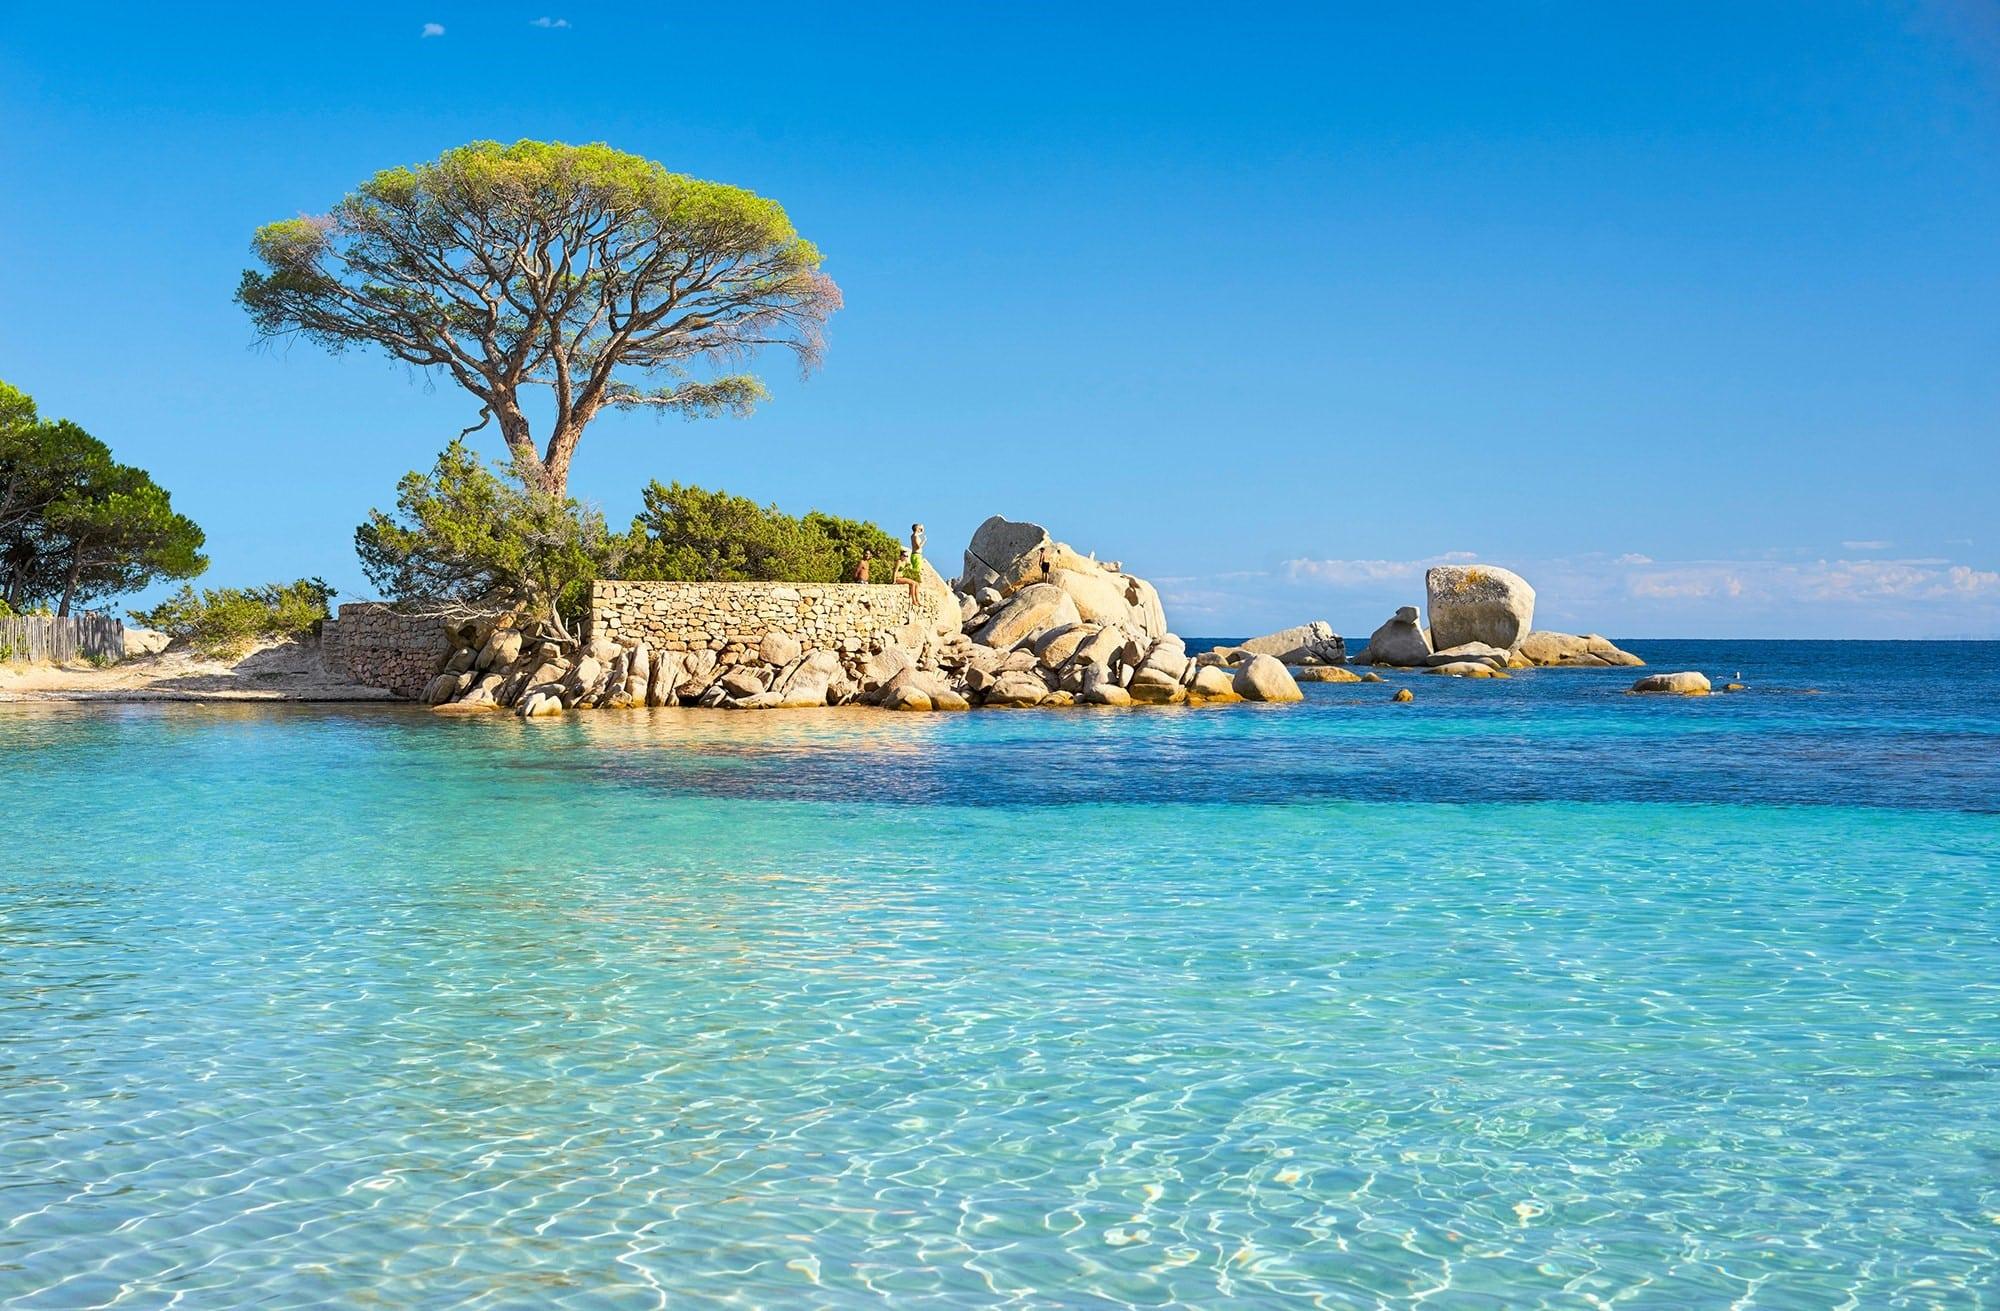 Vacanza in Corsica: i consigli pratici per arrivare e cosa visitare